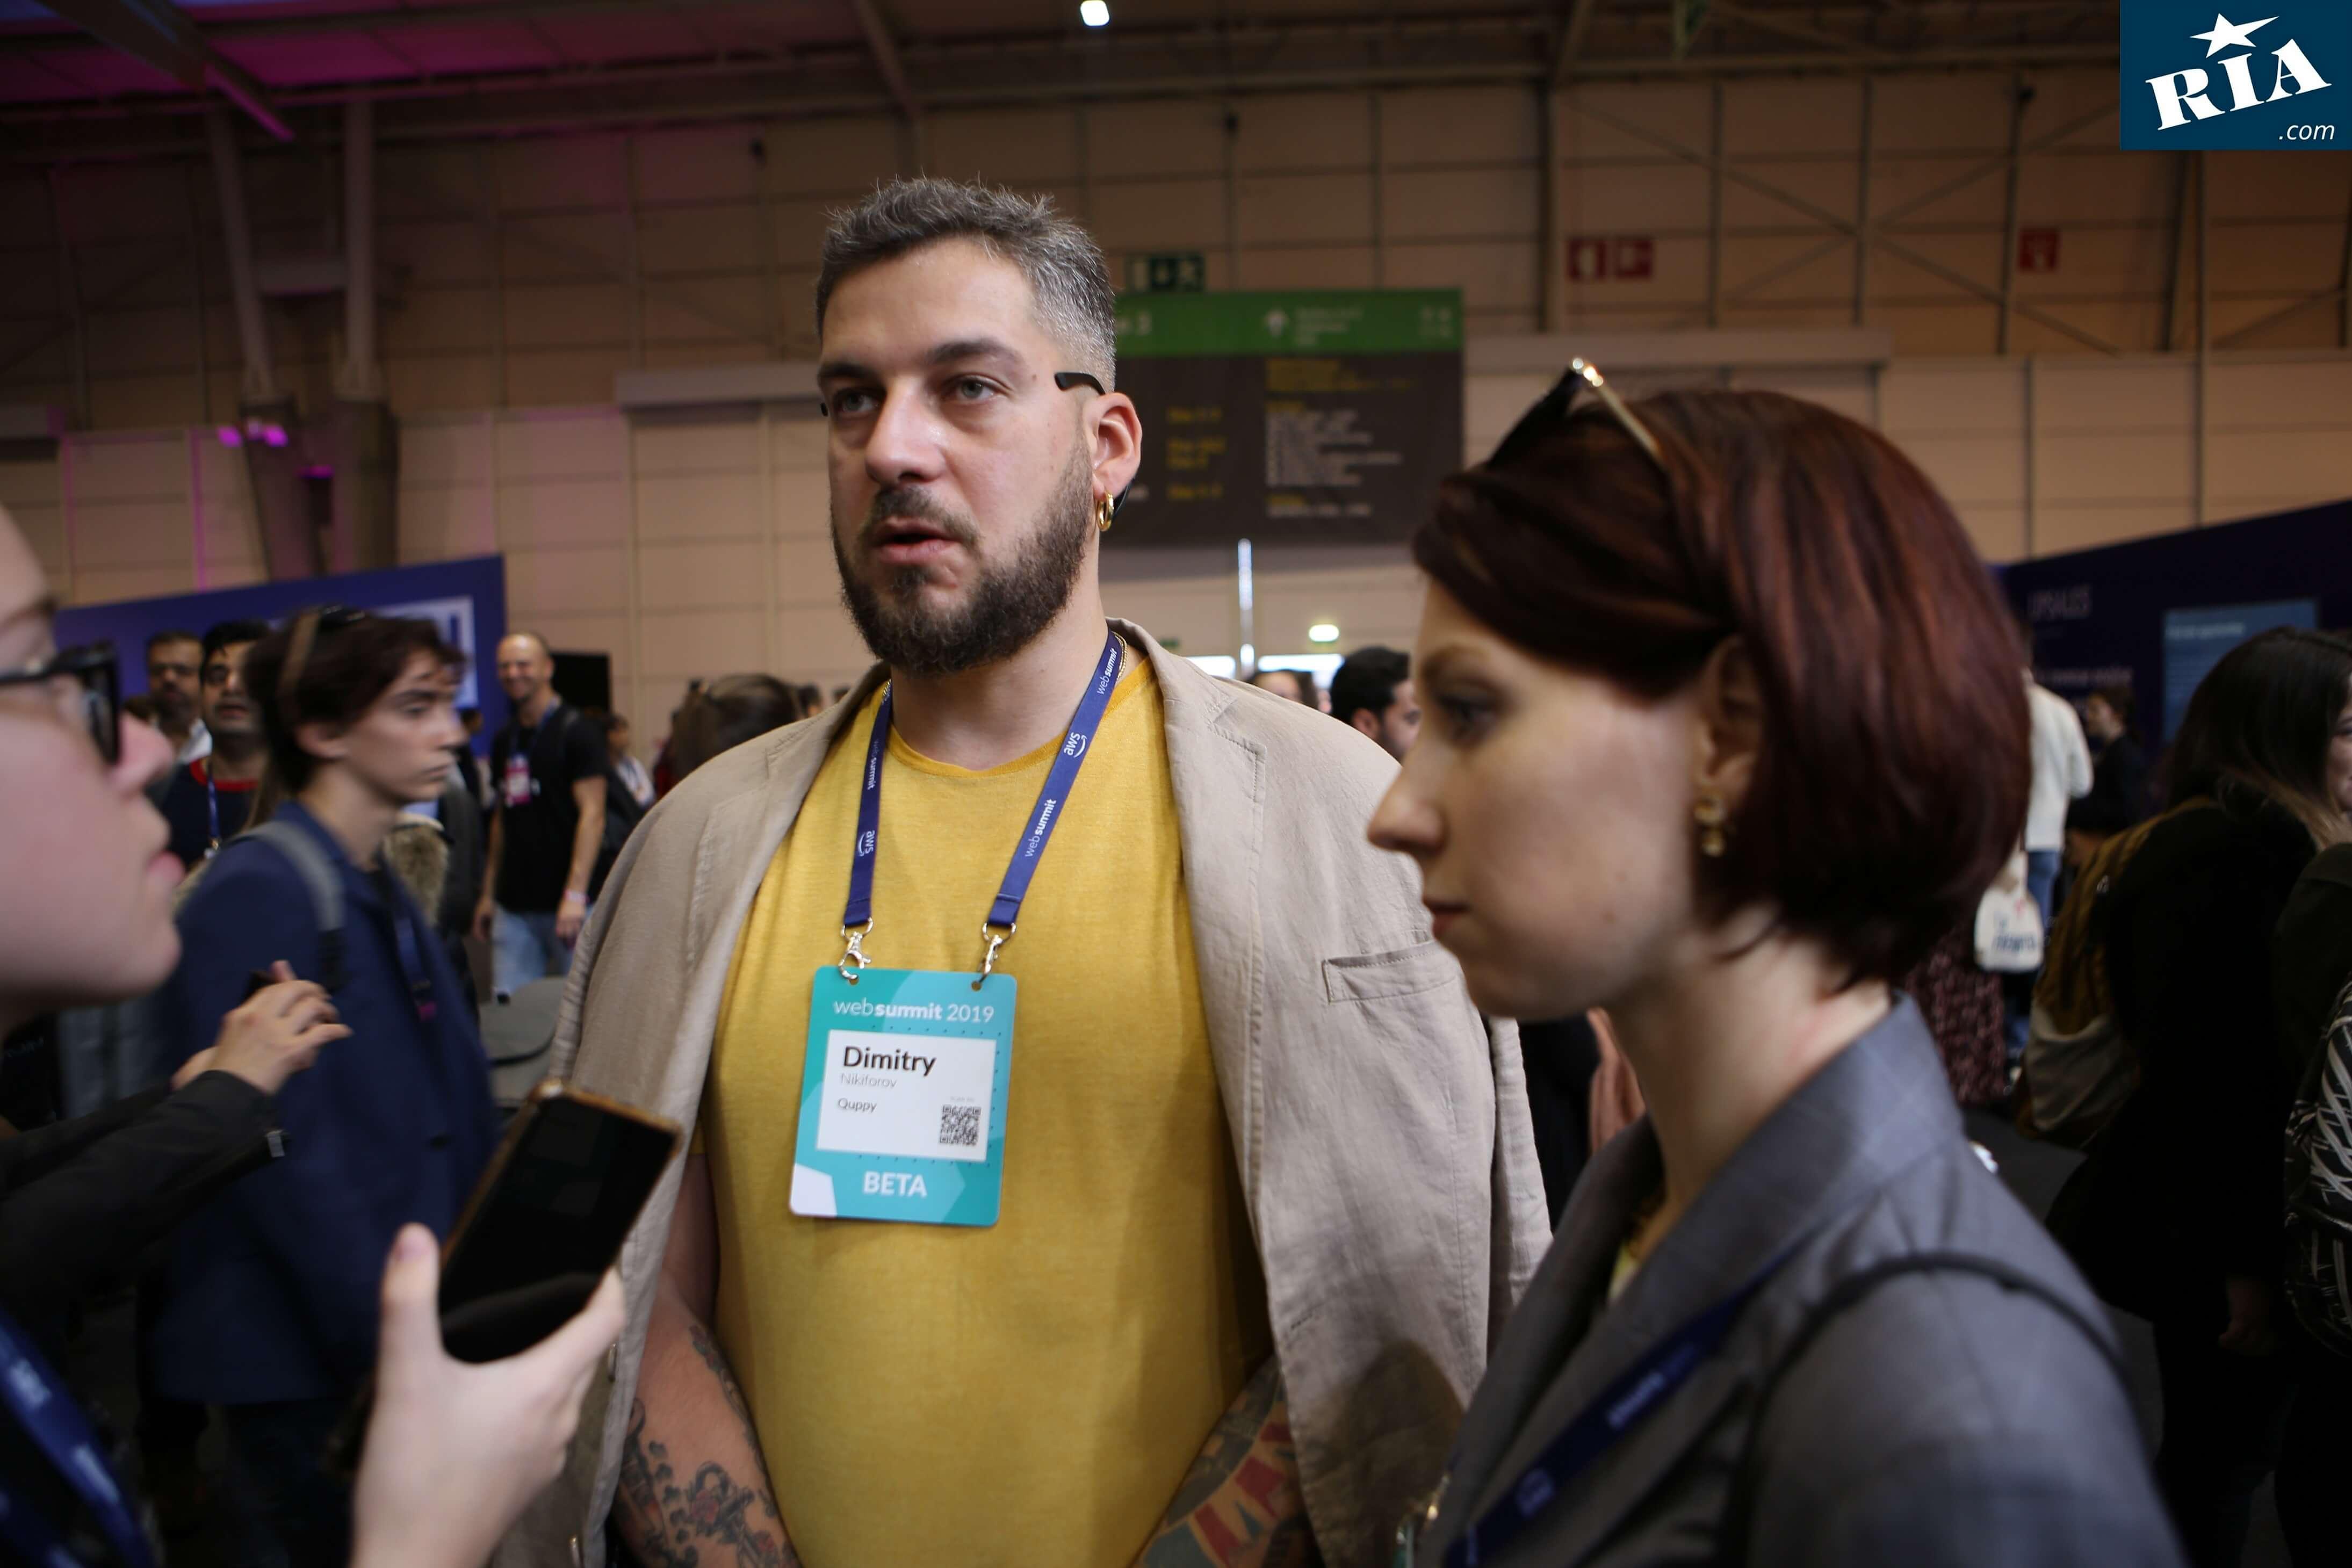 Dimitriy Nikiforov, Quppy